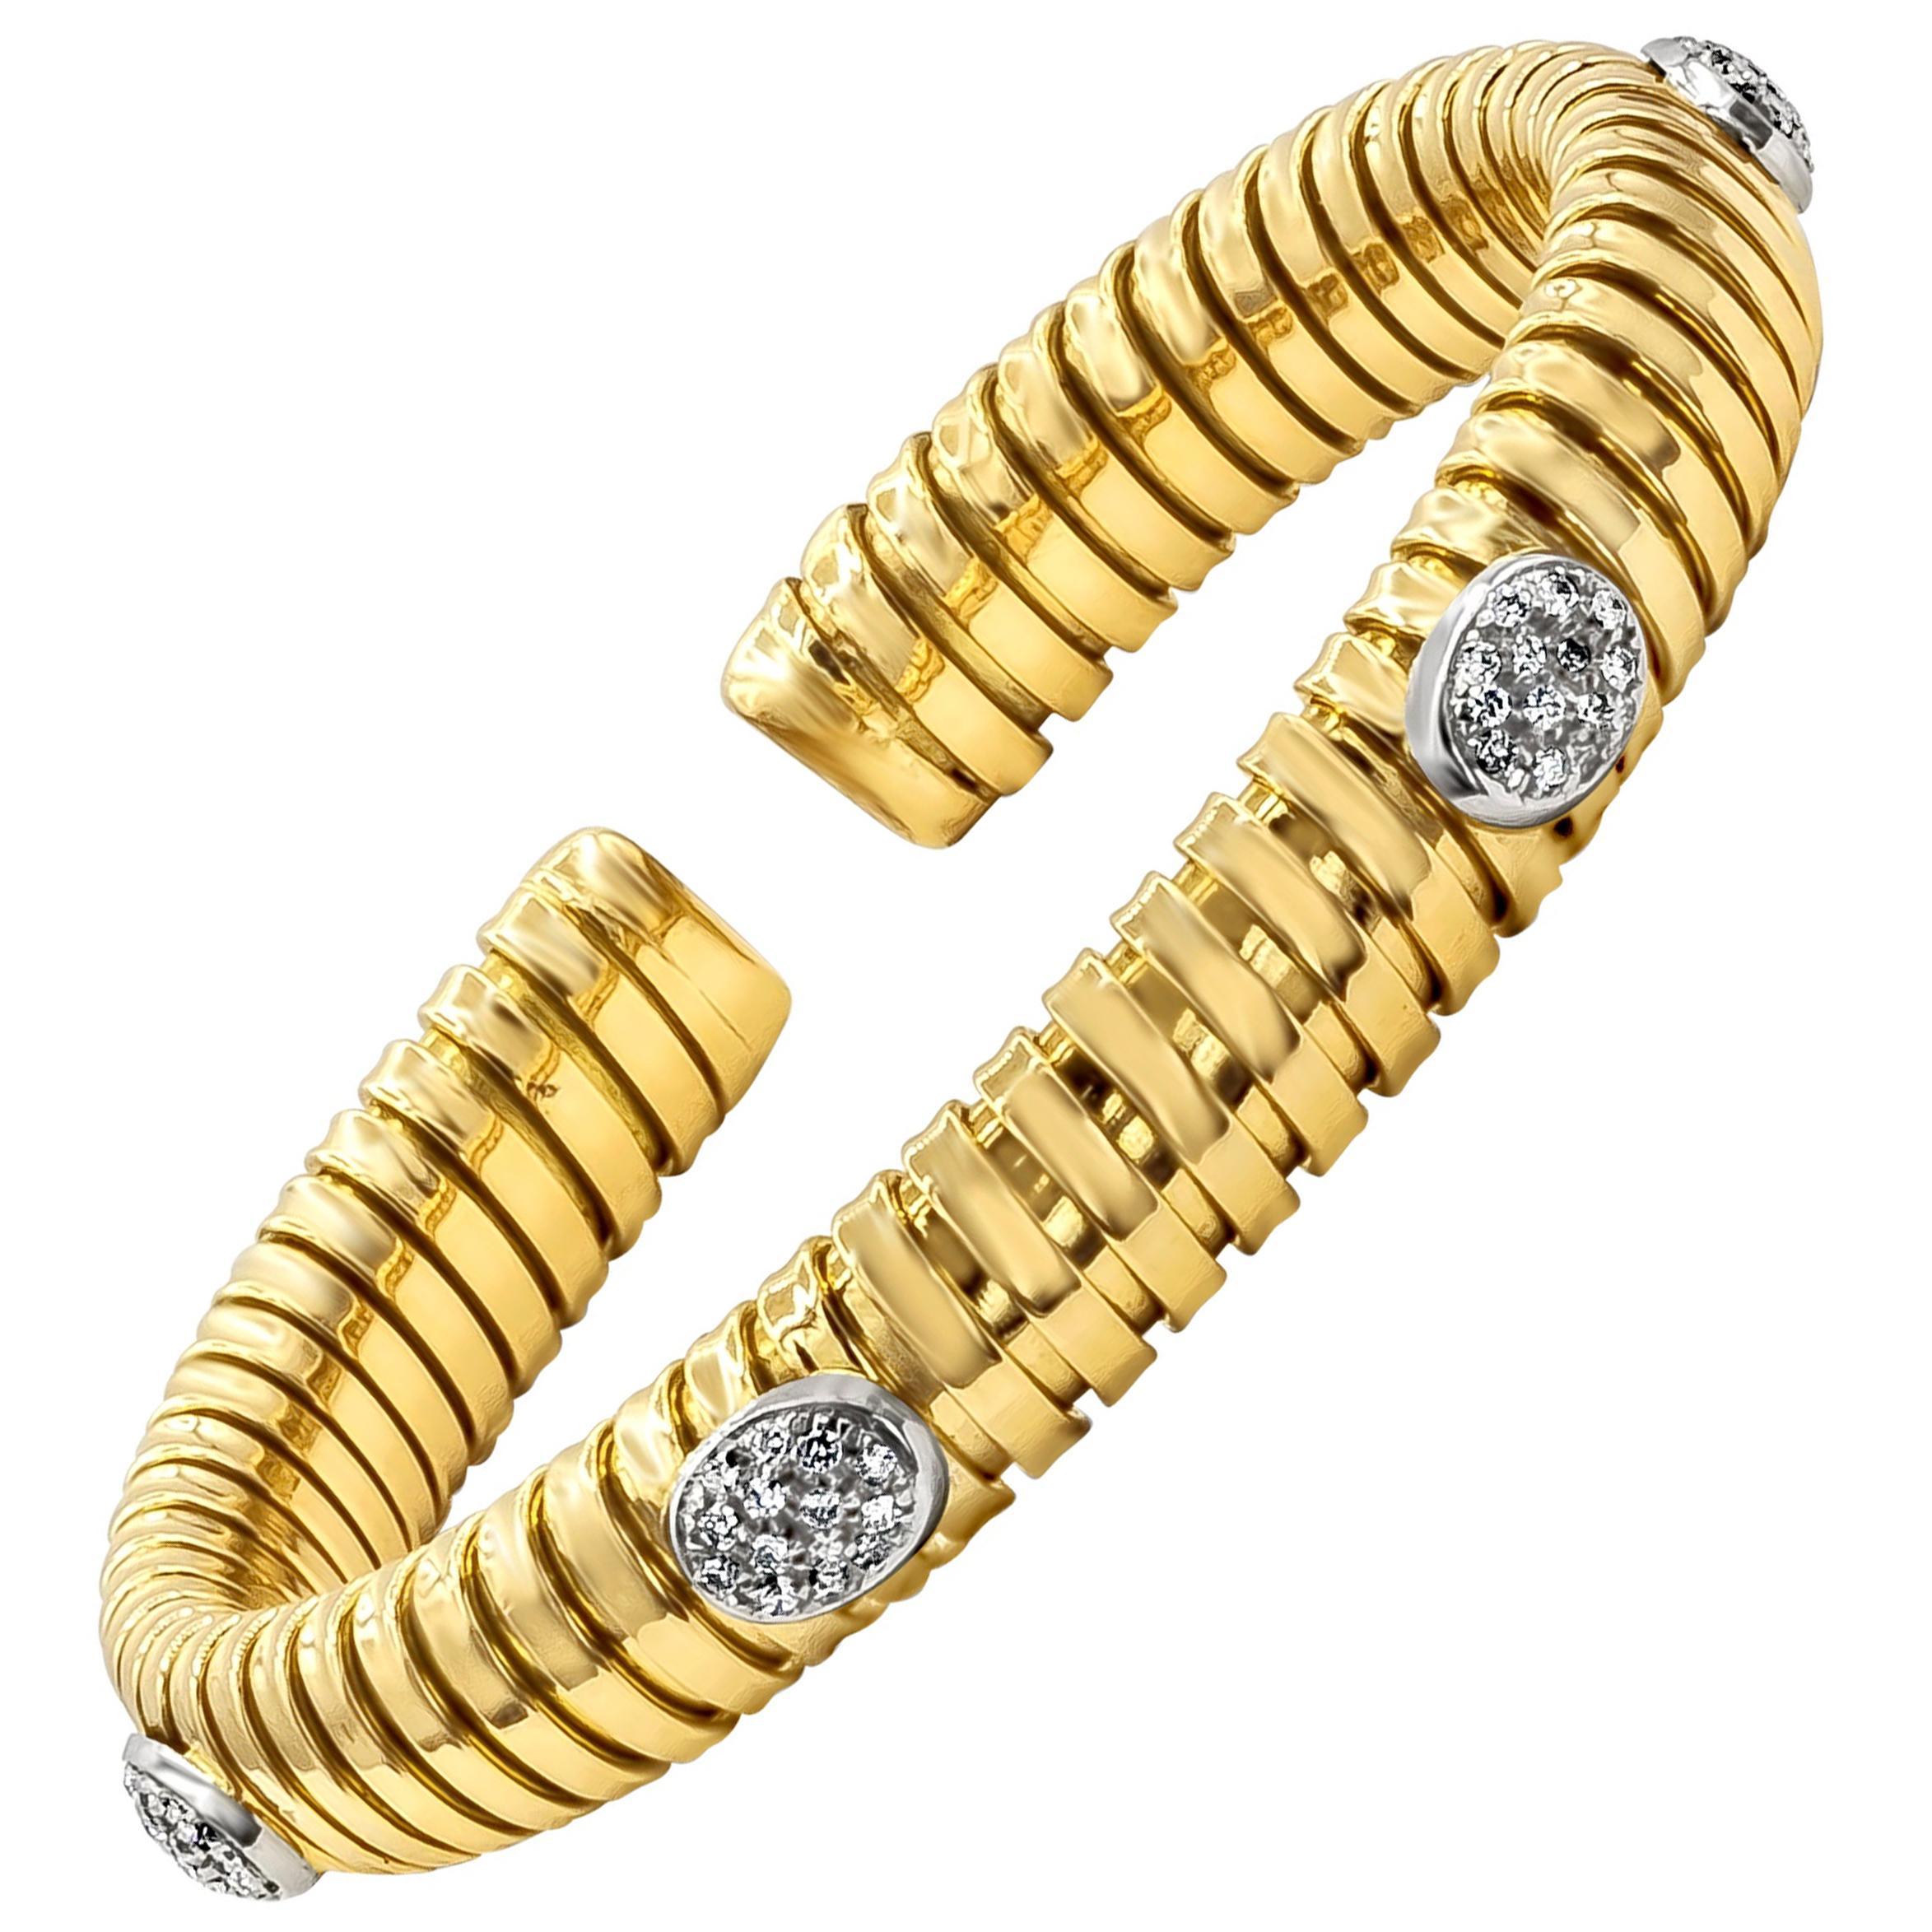 Round Diamond Flexible Spiral Cuff Bracelet in 18 Karat Yellow Gold